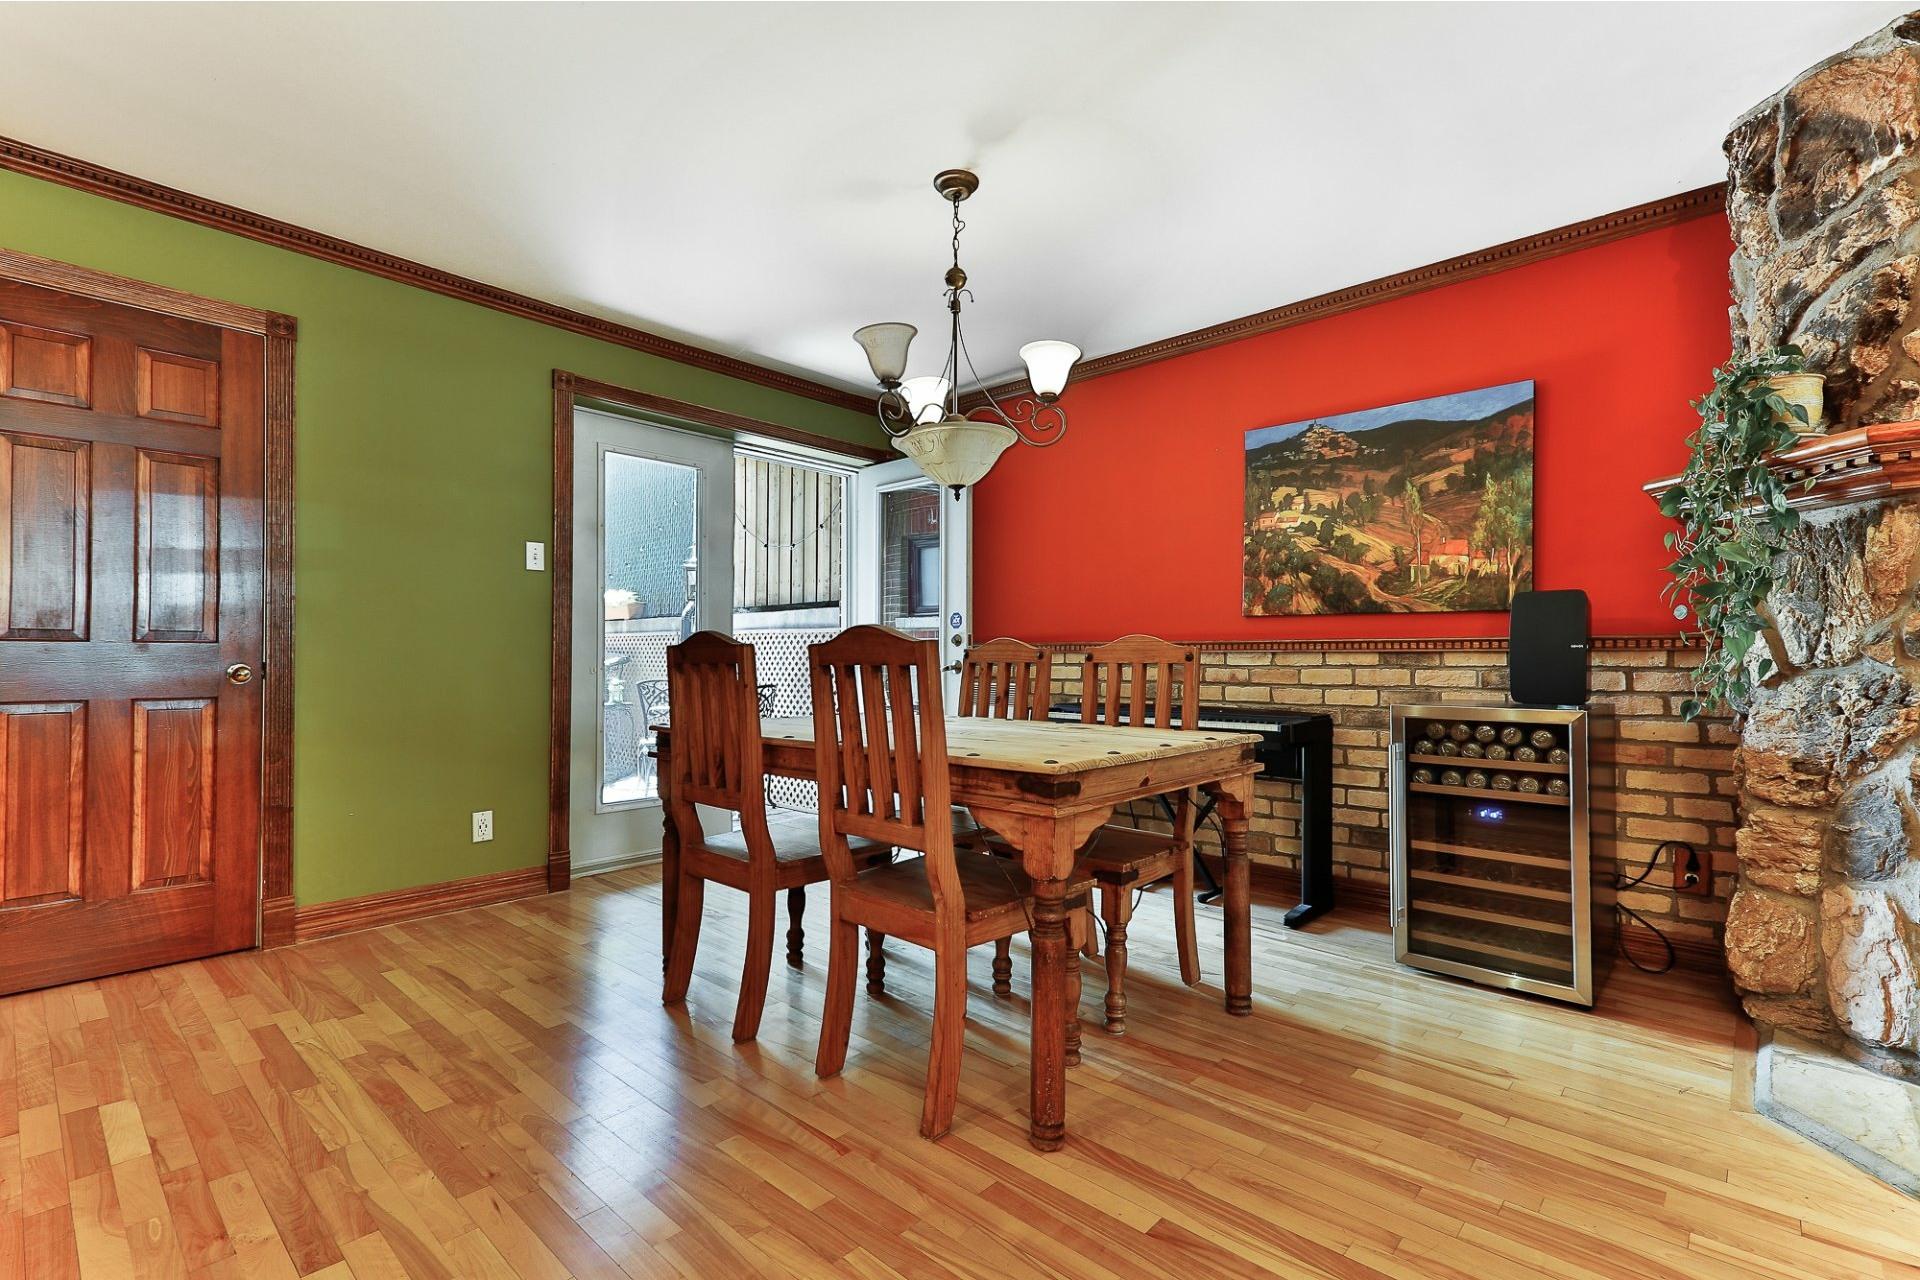 image 6 - Apartment For sale Villeray/Saint-Michel/Parc-Extension Montréal  - 6 rooms